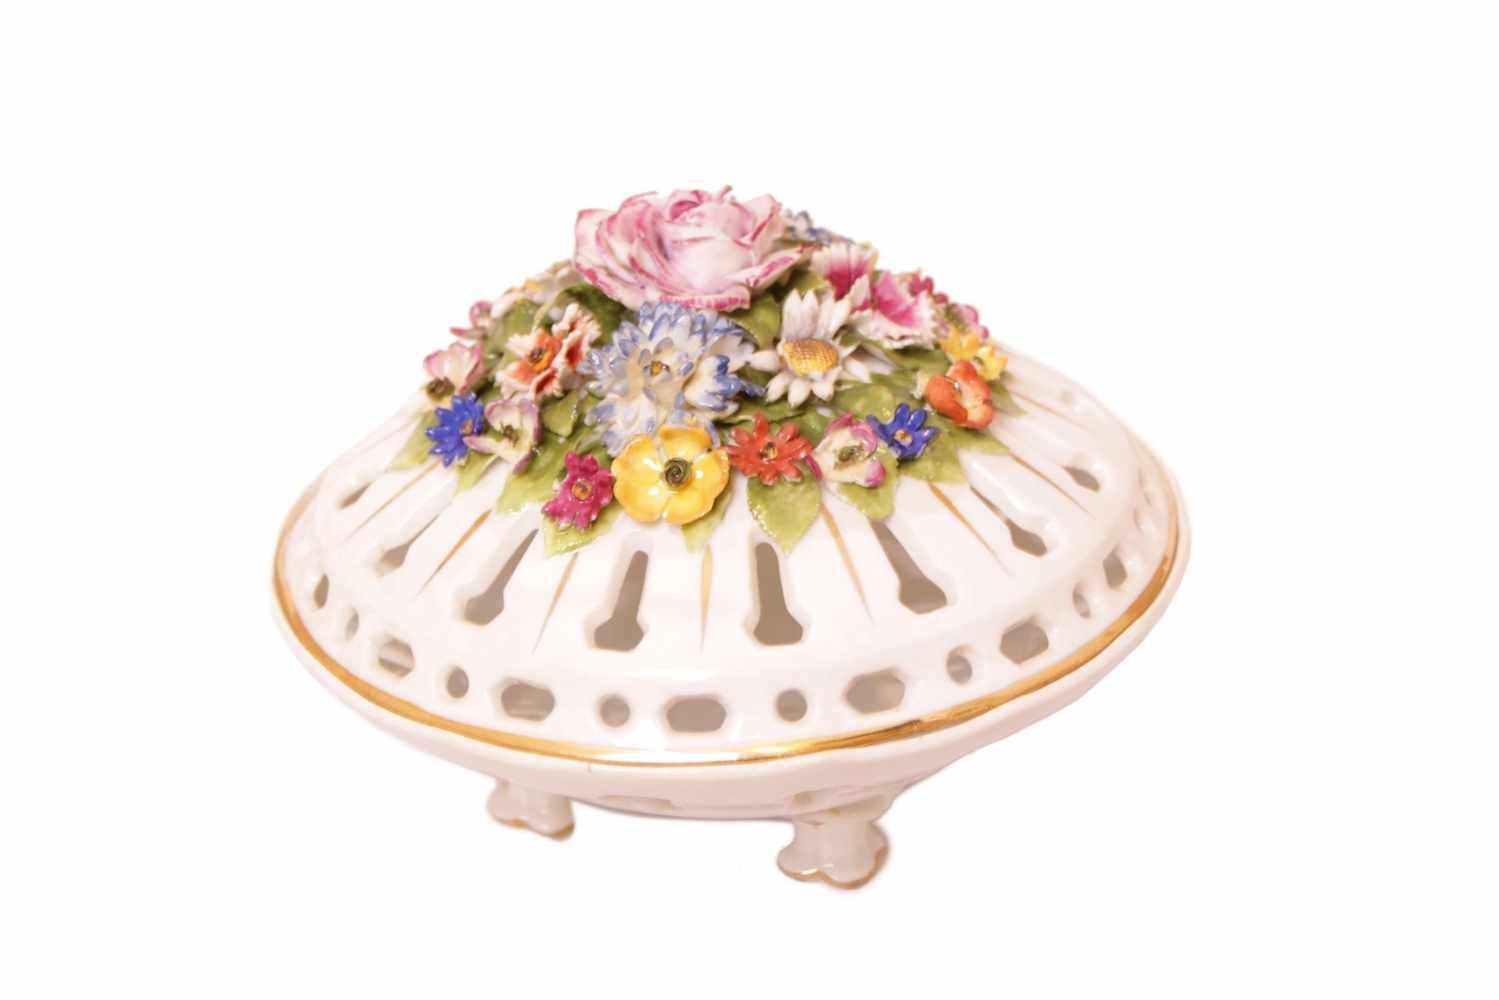 DUFTSCHÄLCHEN Porzellan, Herend, durchbrochener Deckel mit buntem plastischem Blumenbukett, Höhe